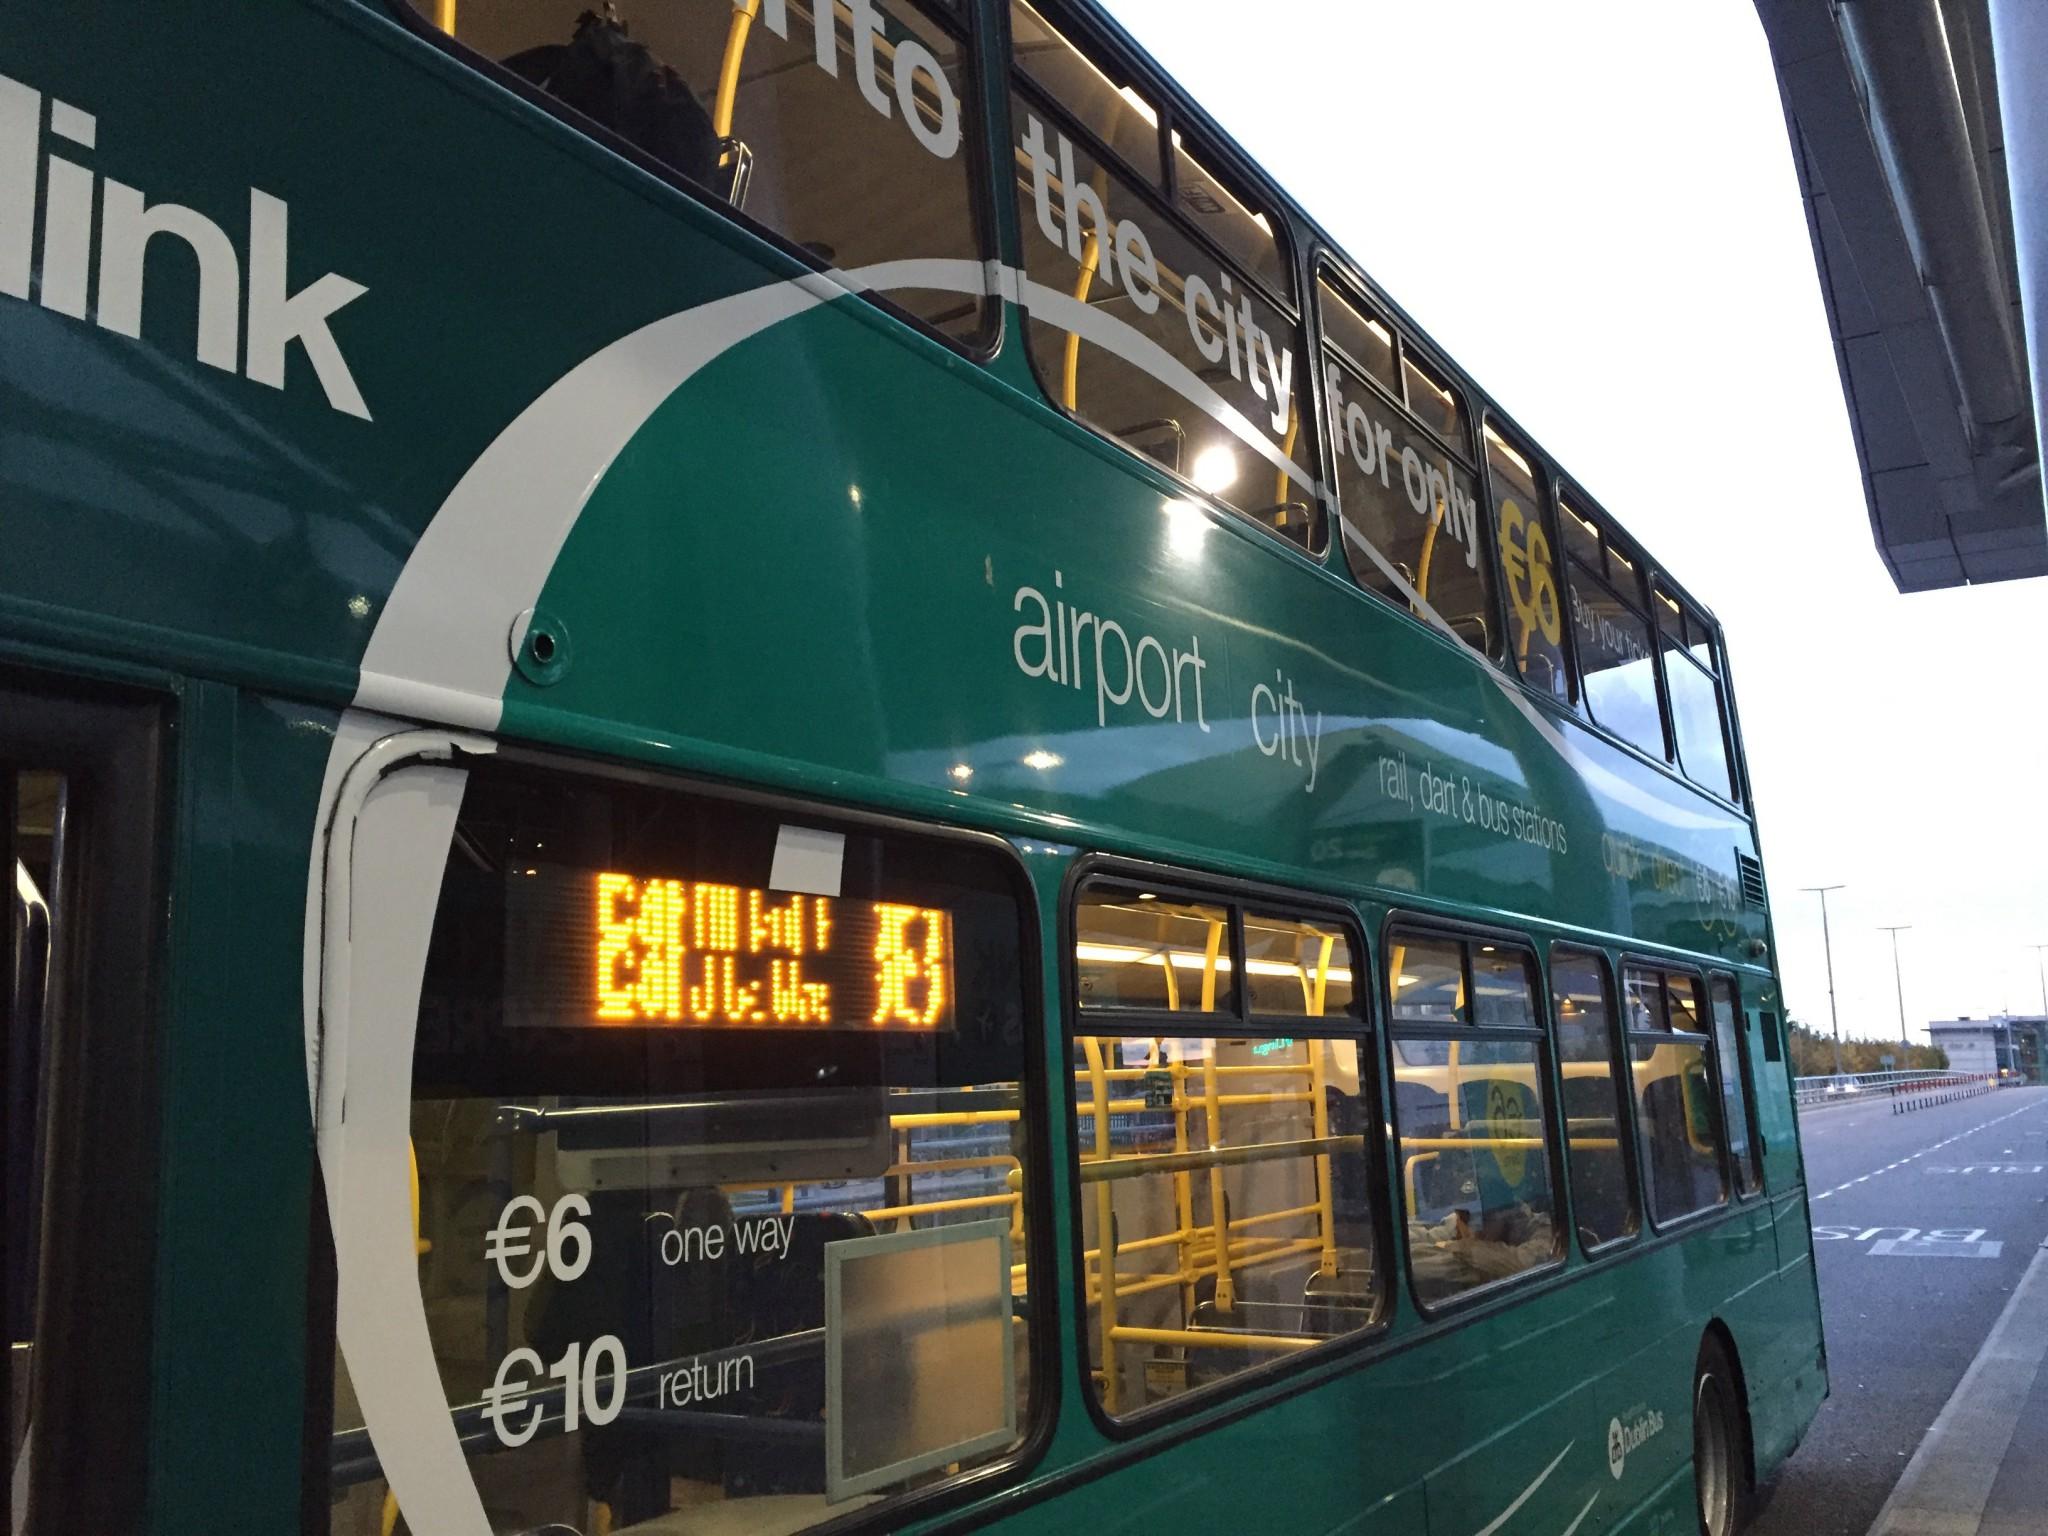 空港から市街地まで移動したバス。ヨーロッパ風の2階建てバスにちょっと憧れてました